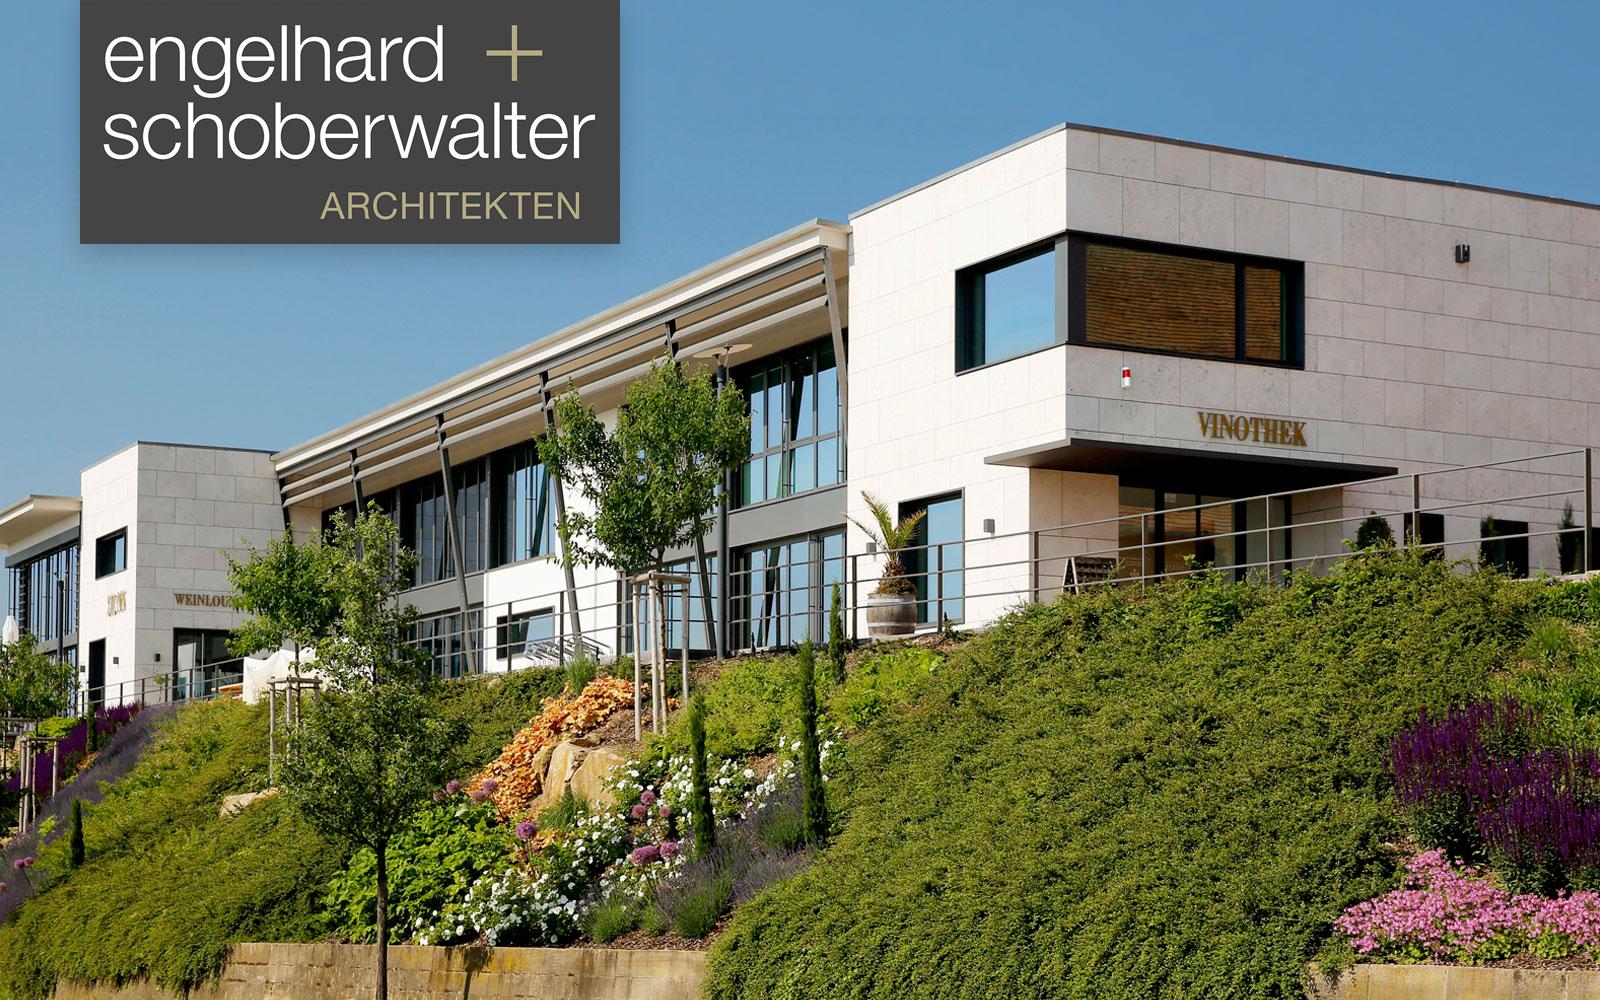 Architekt Bad Dürkheim engelhard schoberwalter architekten bad dürkheim